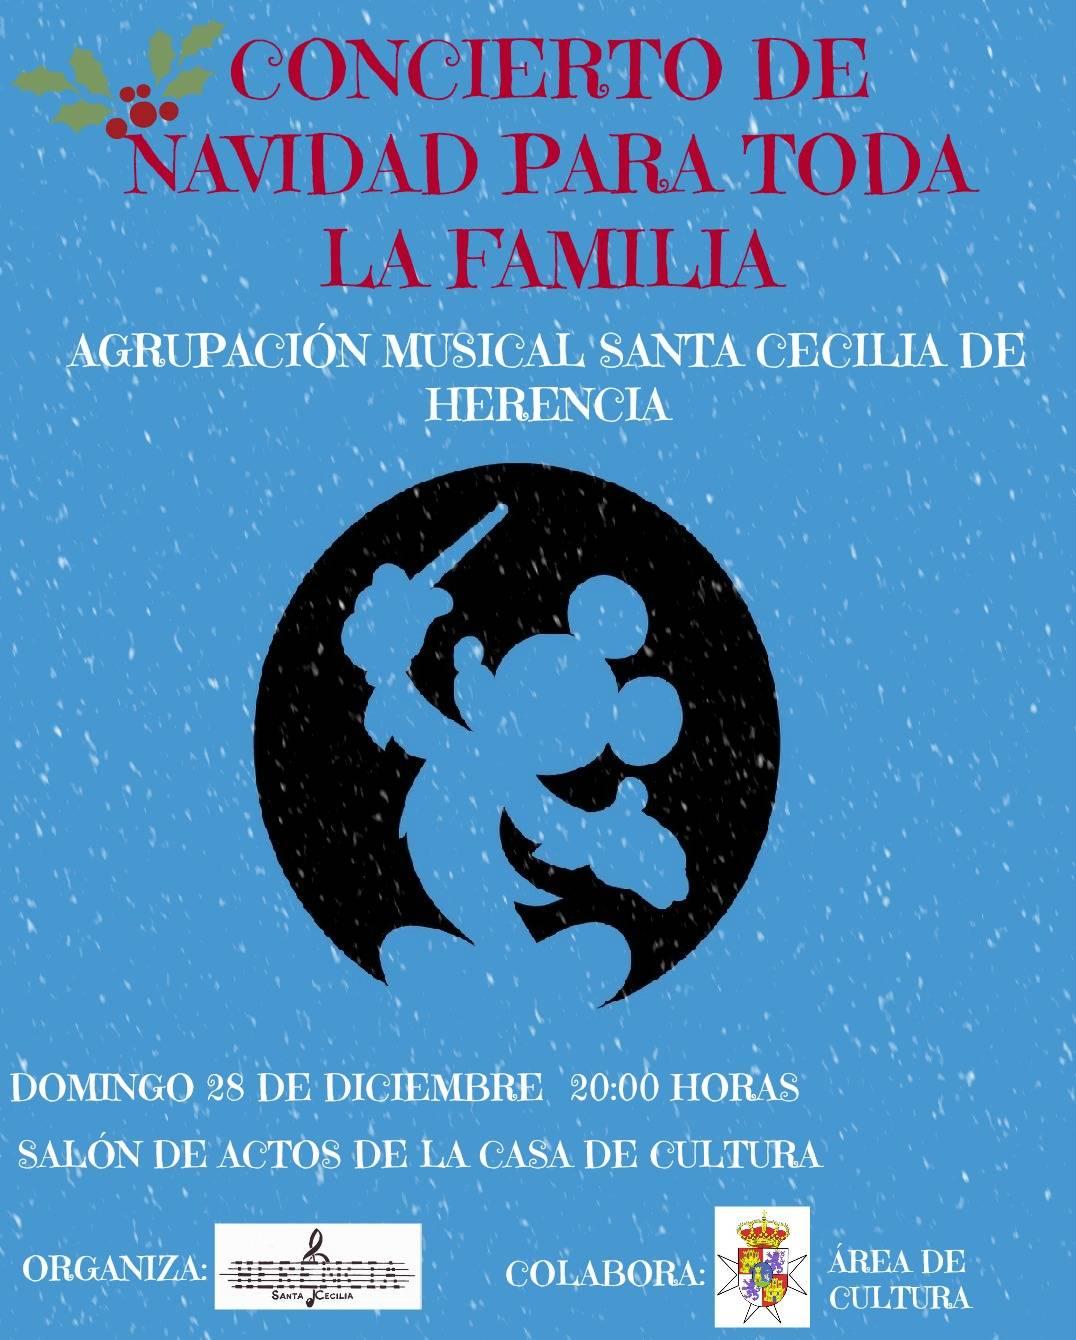 cartelnavidad - Concierto de Navidad de la agrupación musical Santa Cecilia